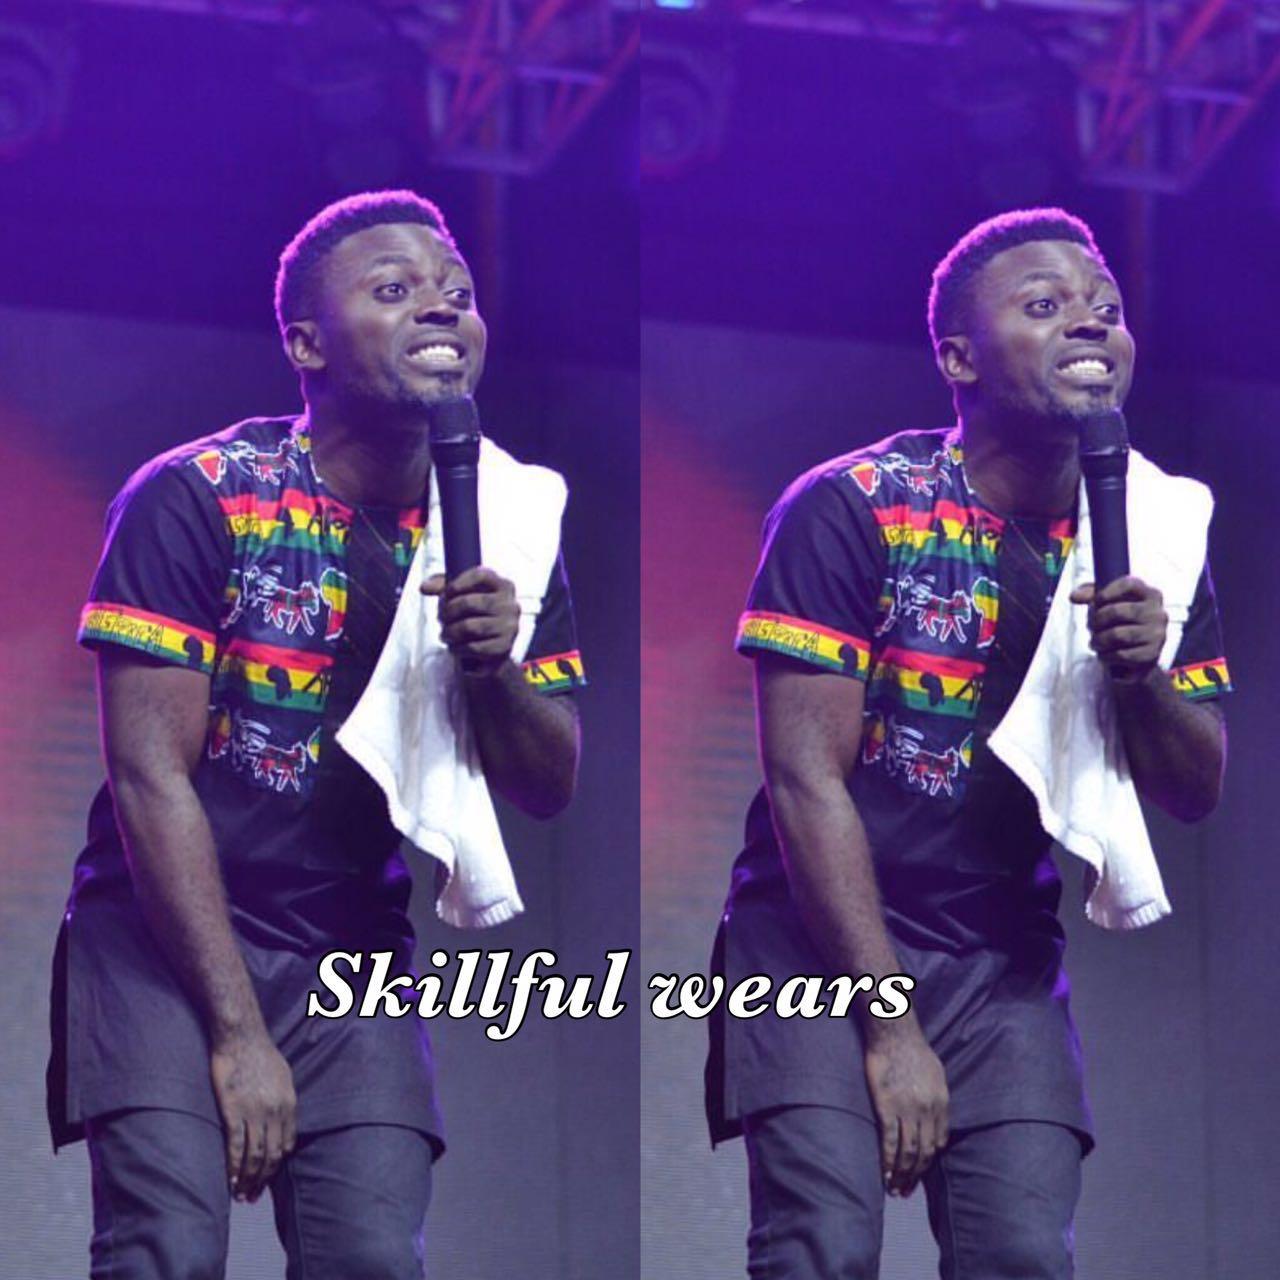 Victor Oju Skillful wear calabar blog